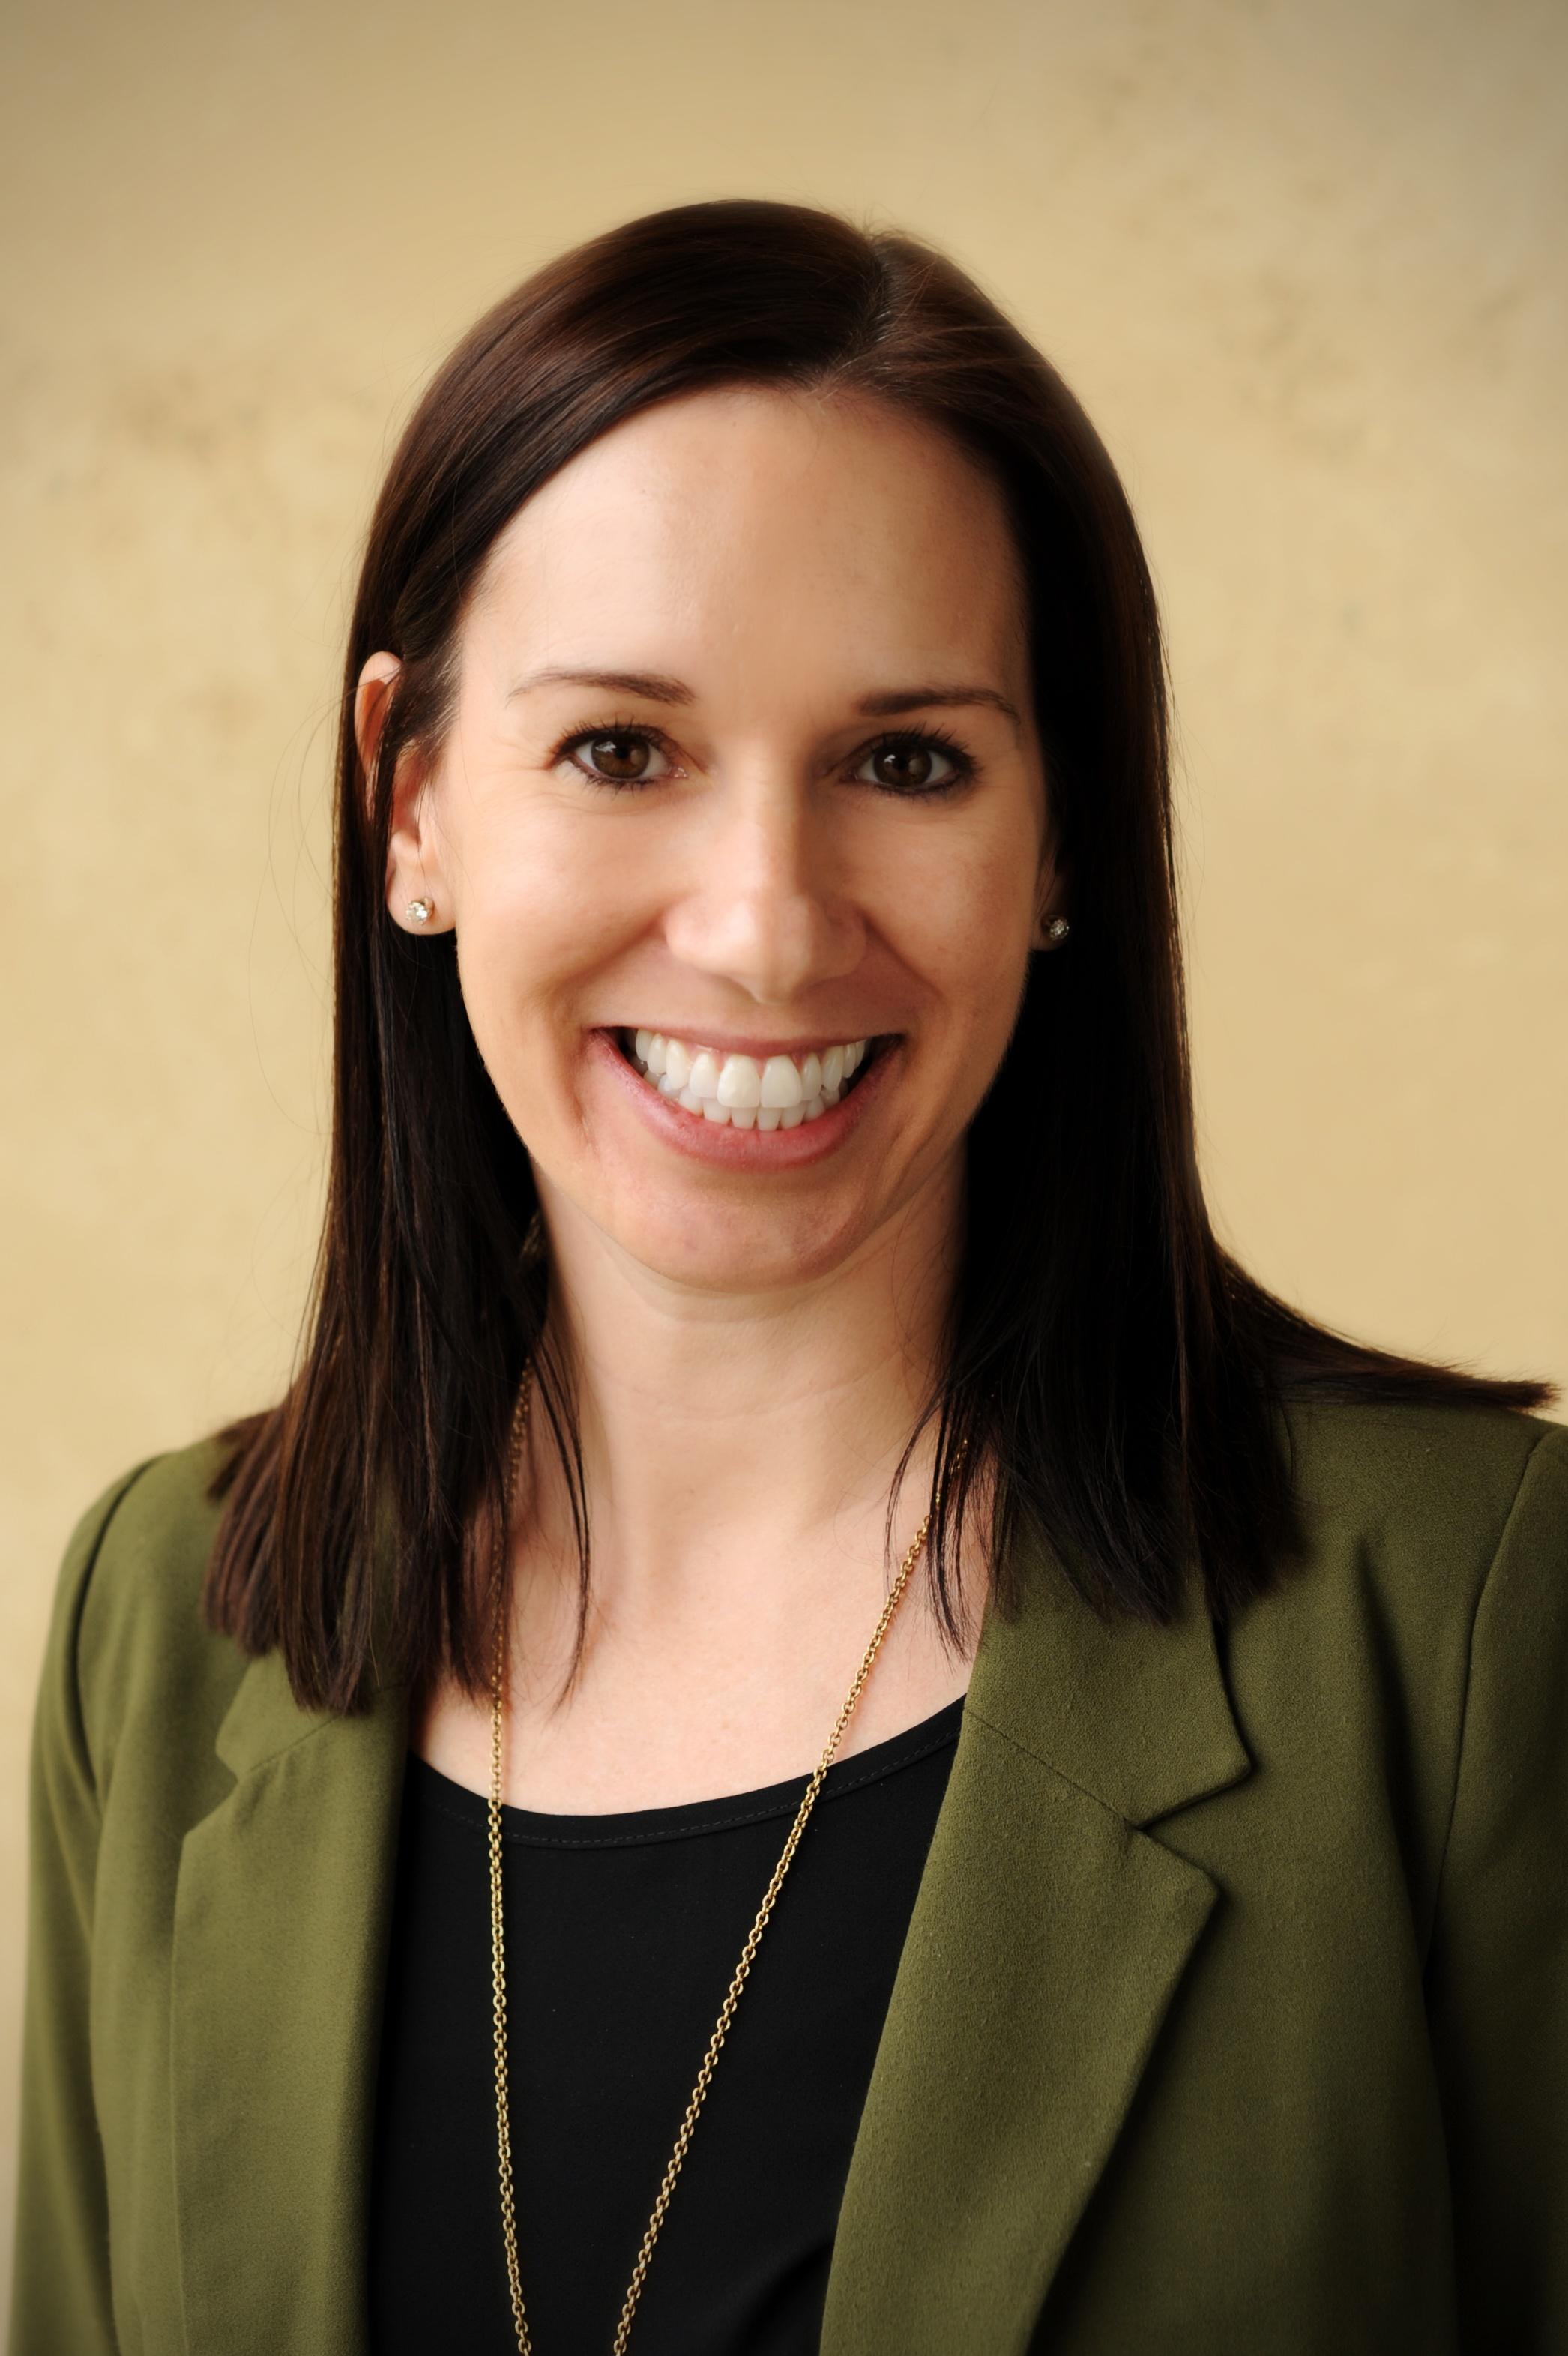 Lindsey McGowan